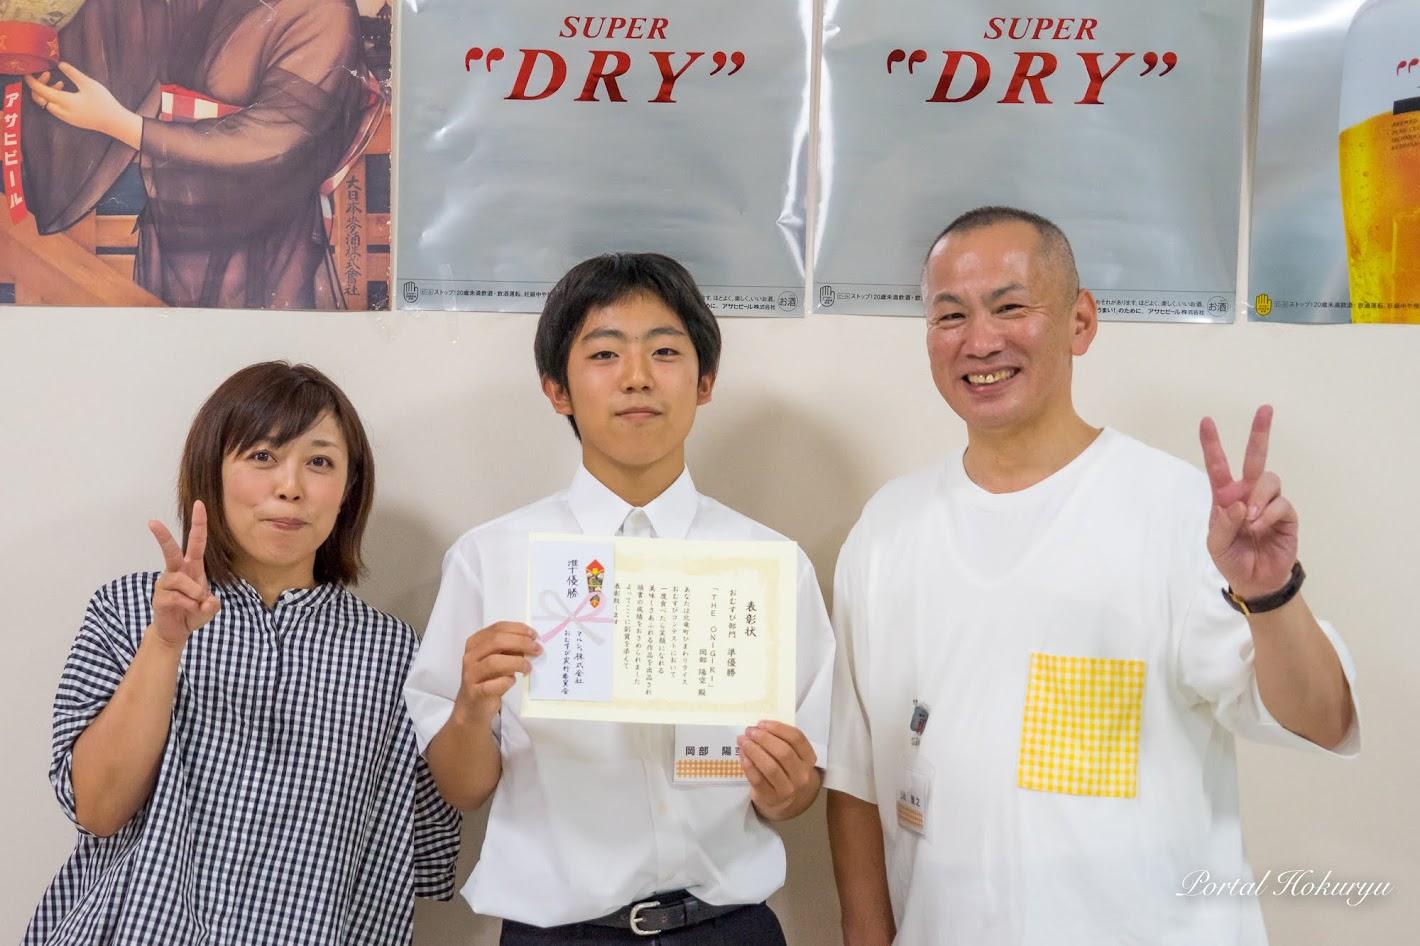 準優勝(加藤社長賞):「THE ONIGIRI」岡部陽空 様